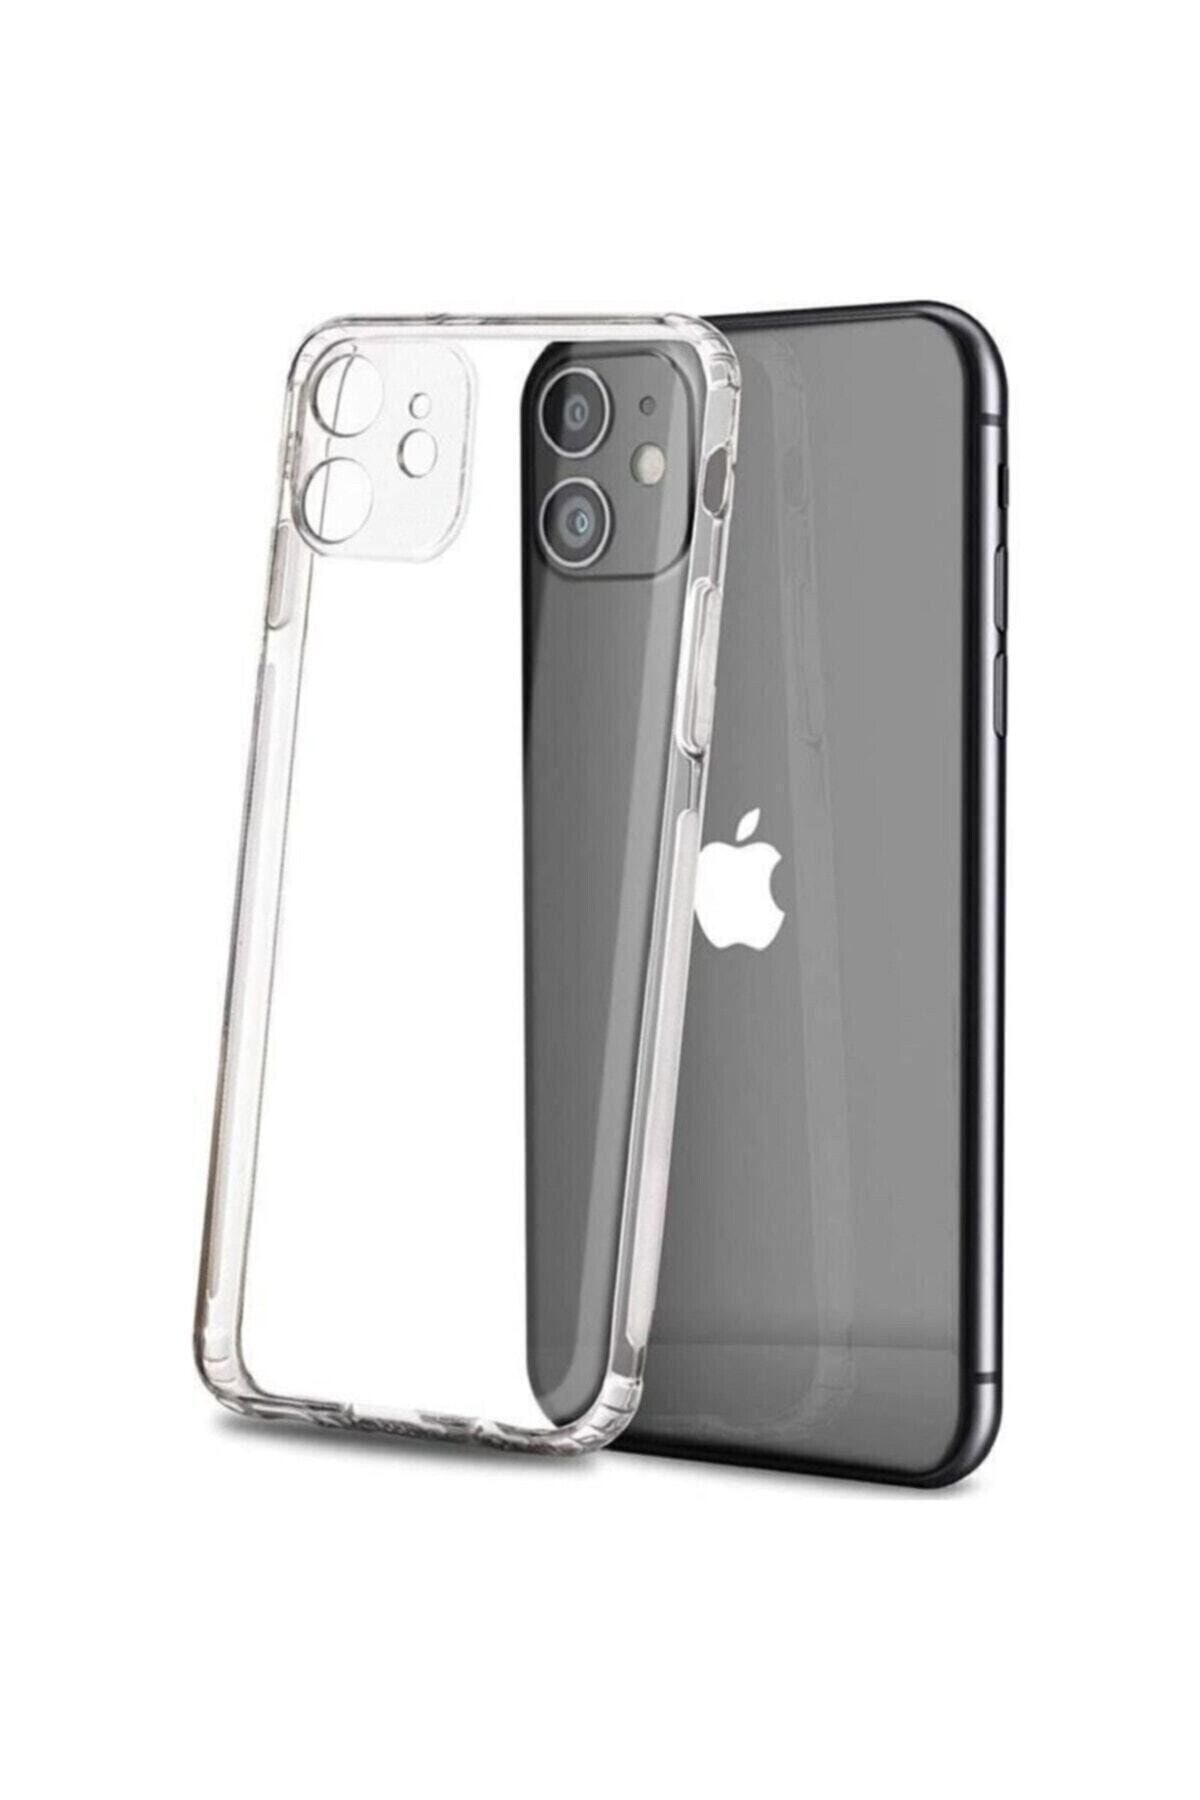 Iphone 12 Şeffaf Kamera Korumalı Şarj Girişi Tıpalı Kılıf